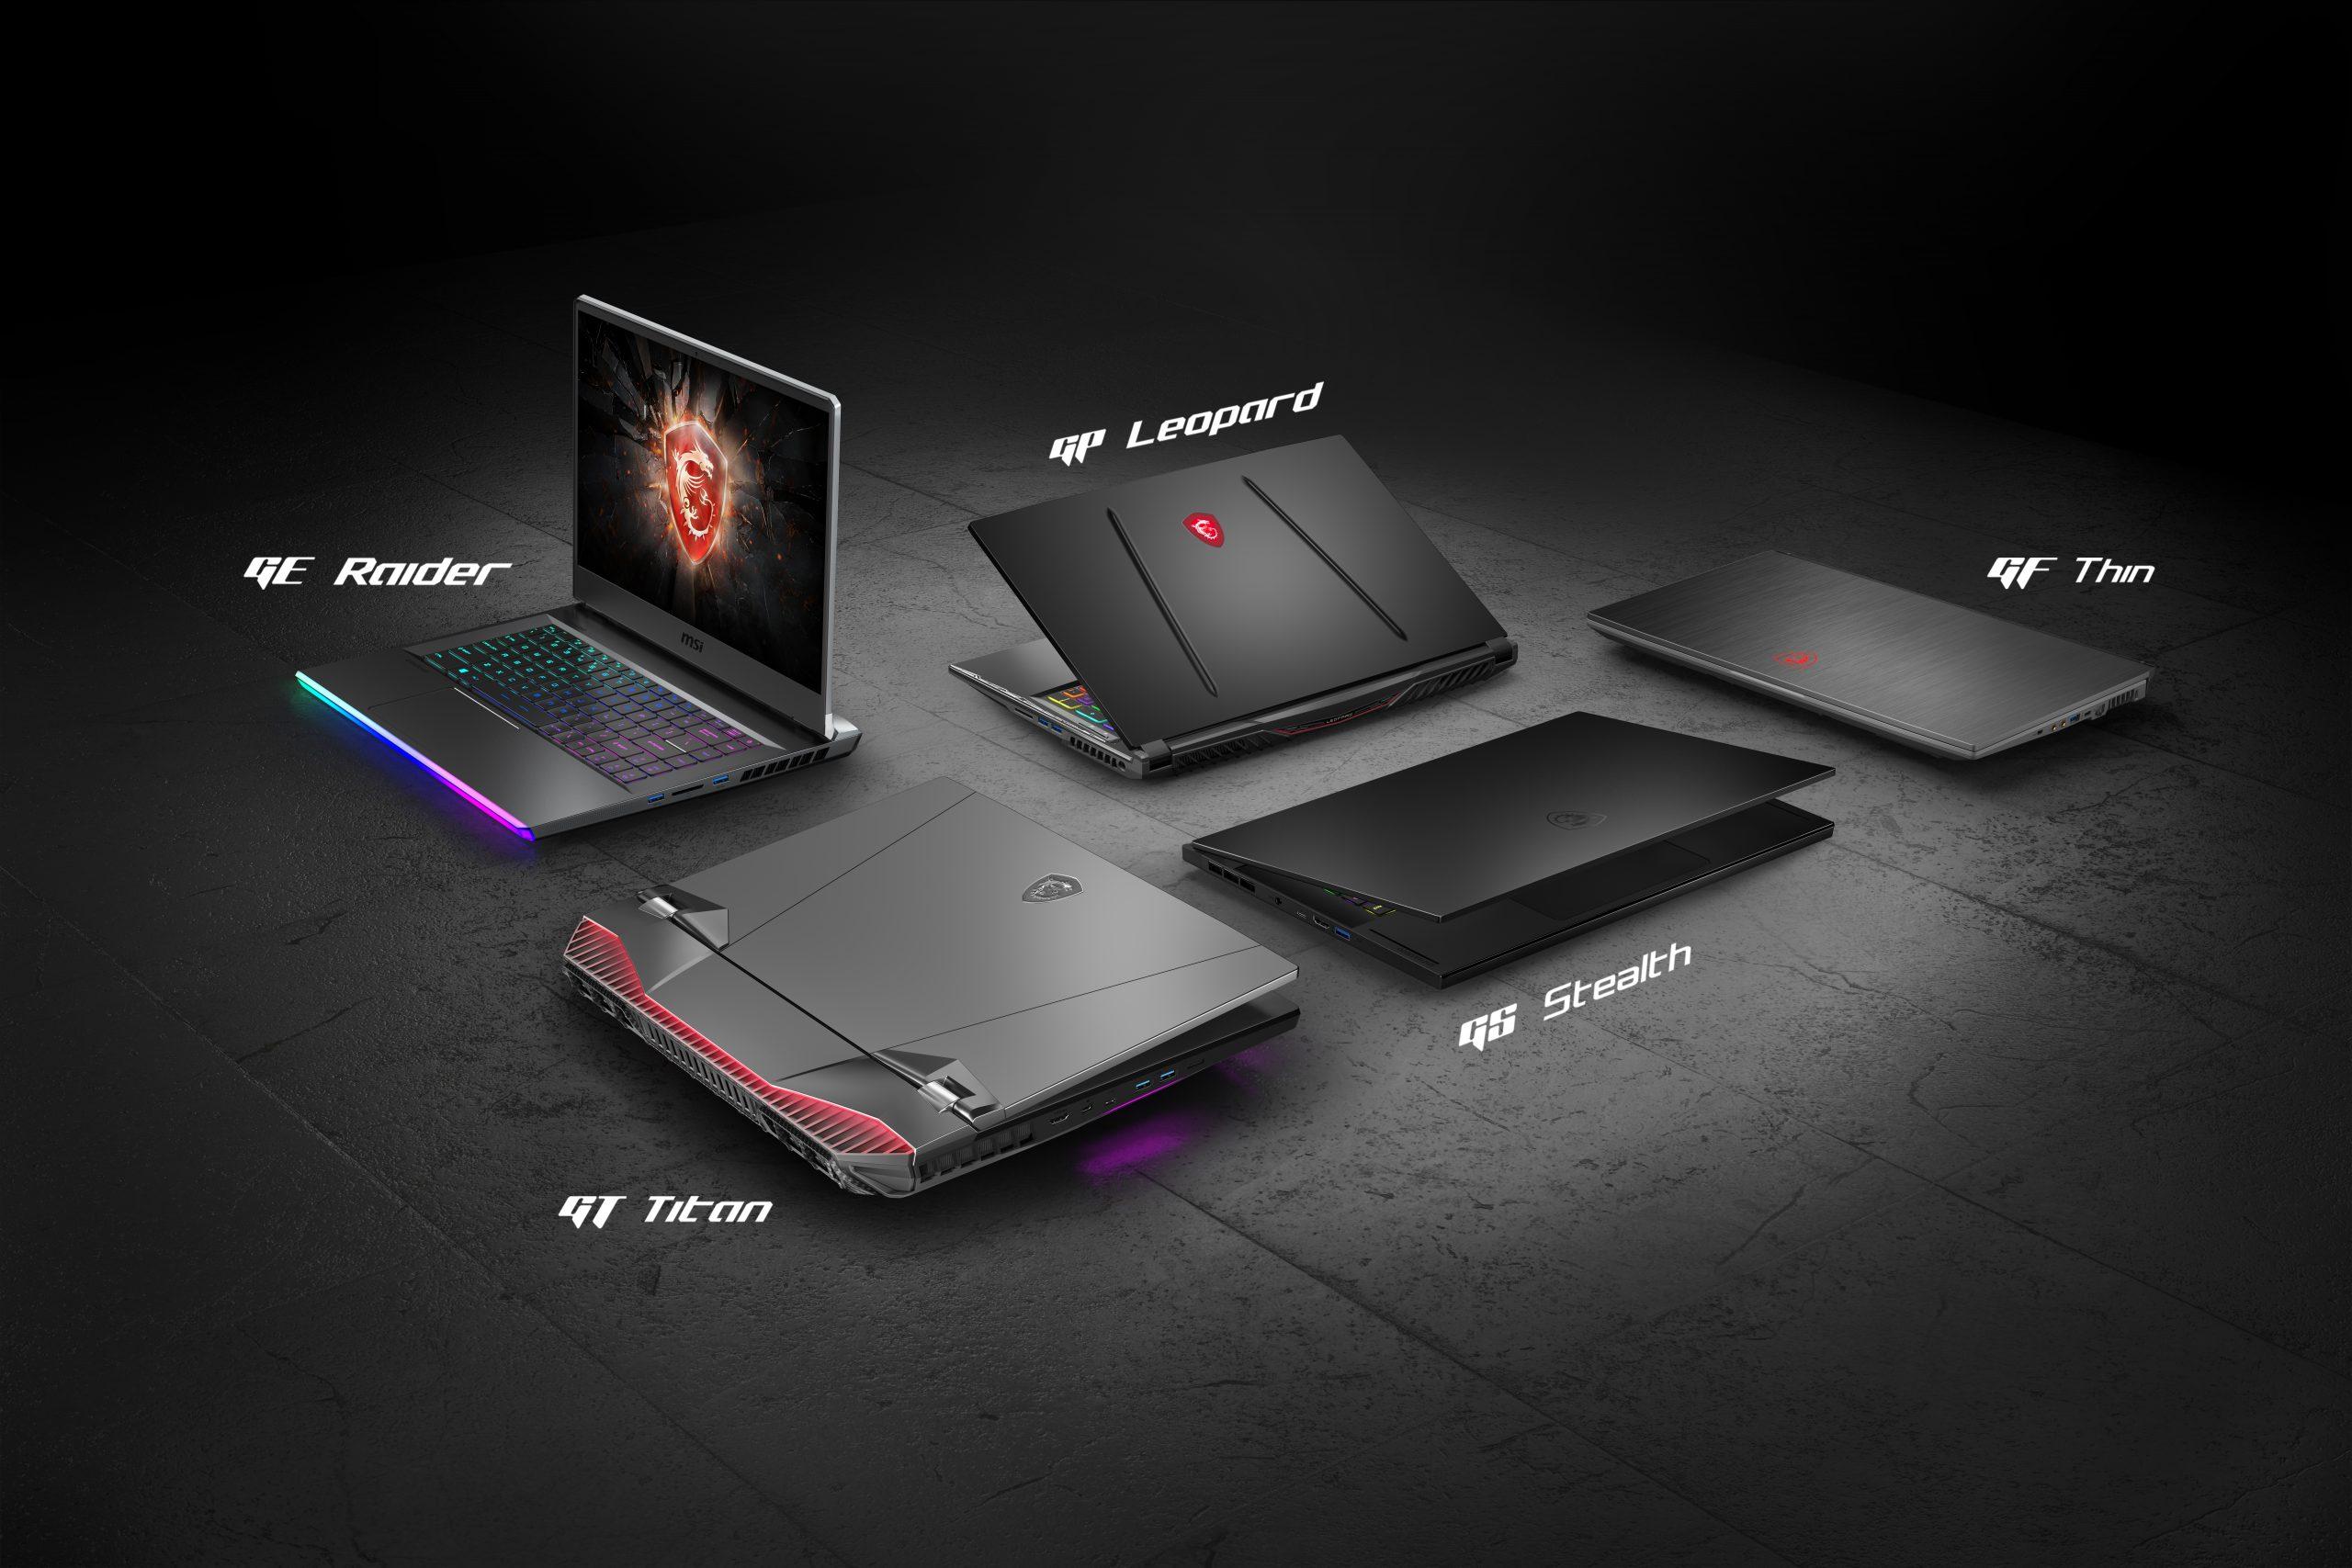 MSI_ Gaming Series laptops